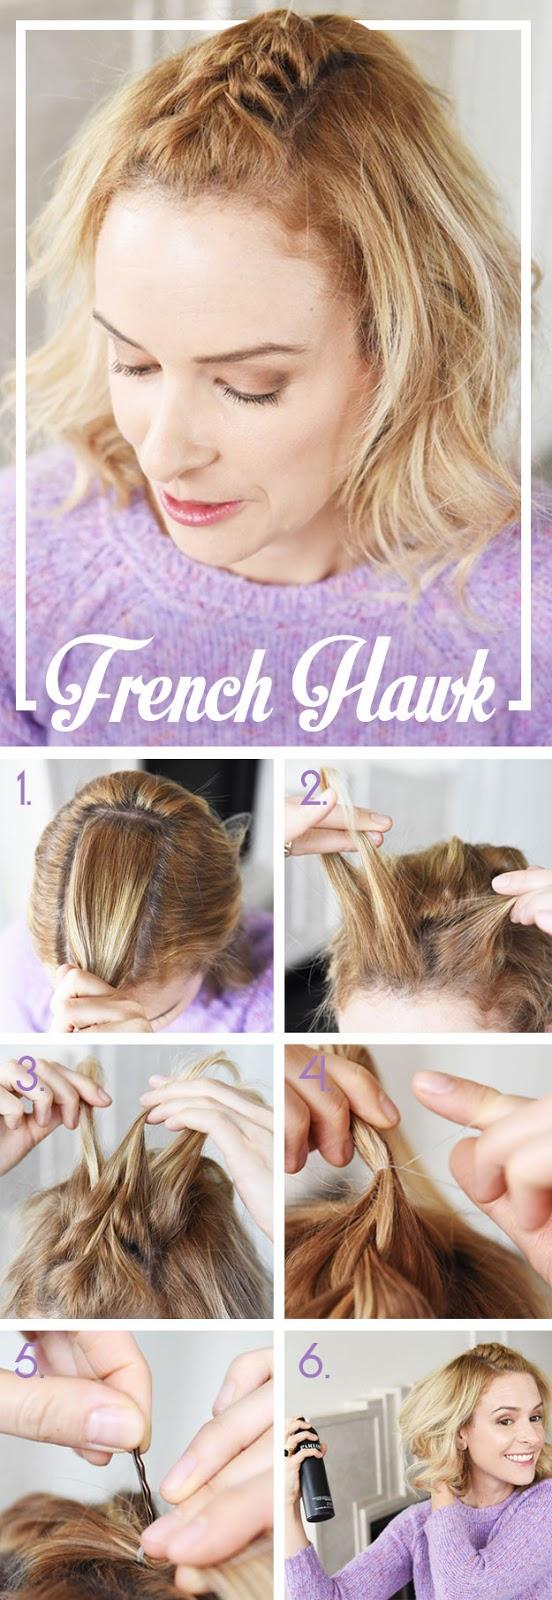 French Hawk